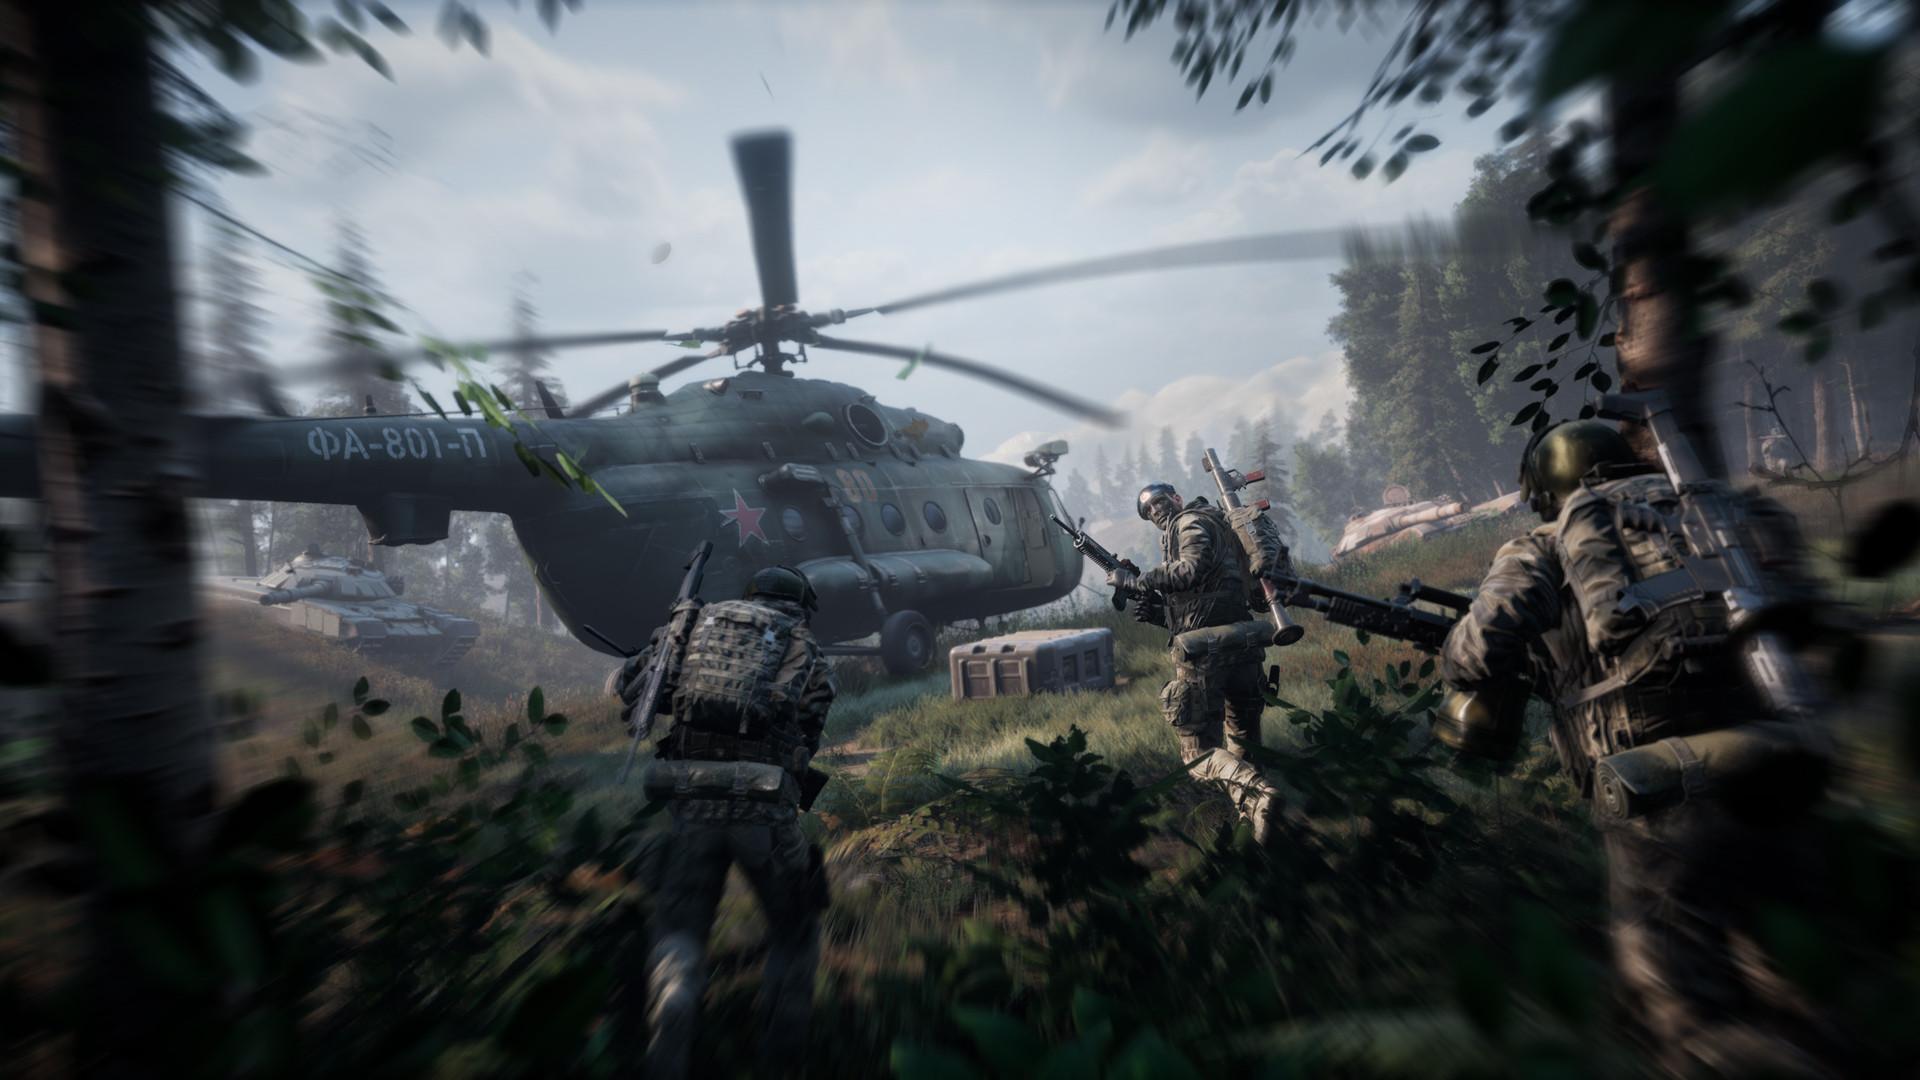 Разработчики World War 3 опубликовали короткое видео с демонстрацией геймплея